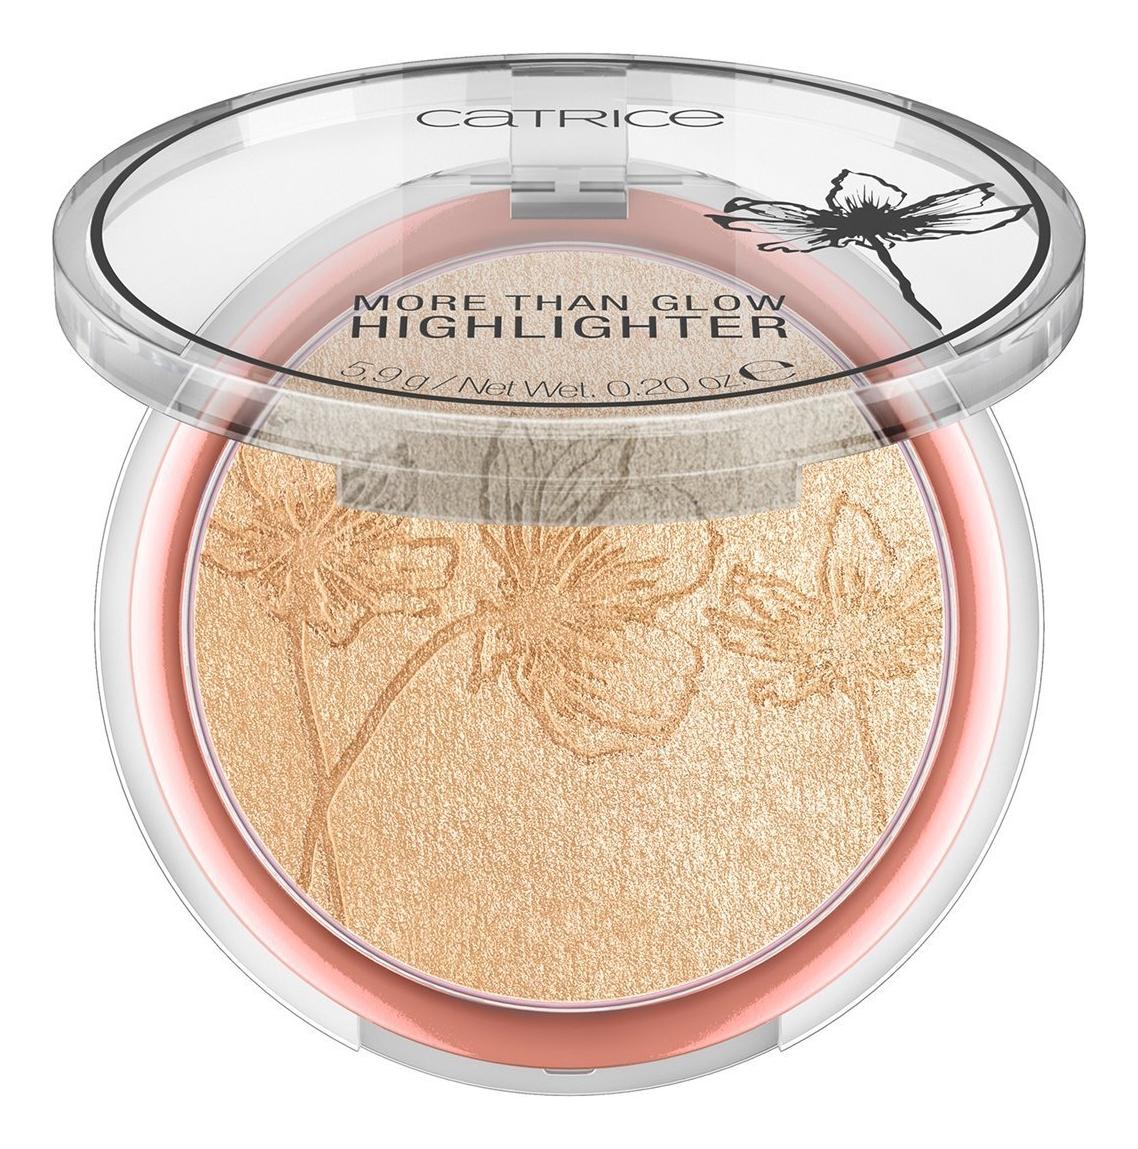 Хайлайтер для лица More Than Glow Highlighter 5,9г: 030 Beyond Golden Glow